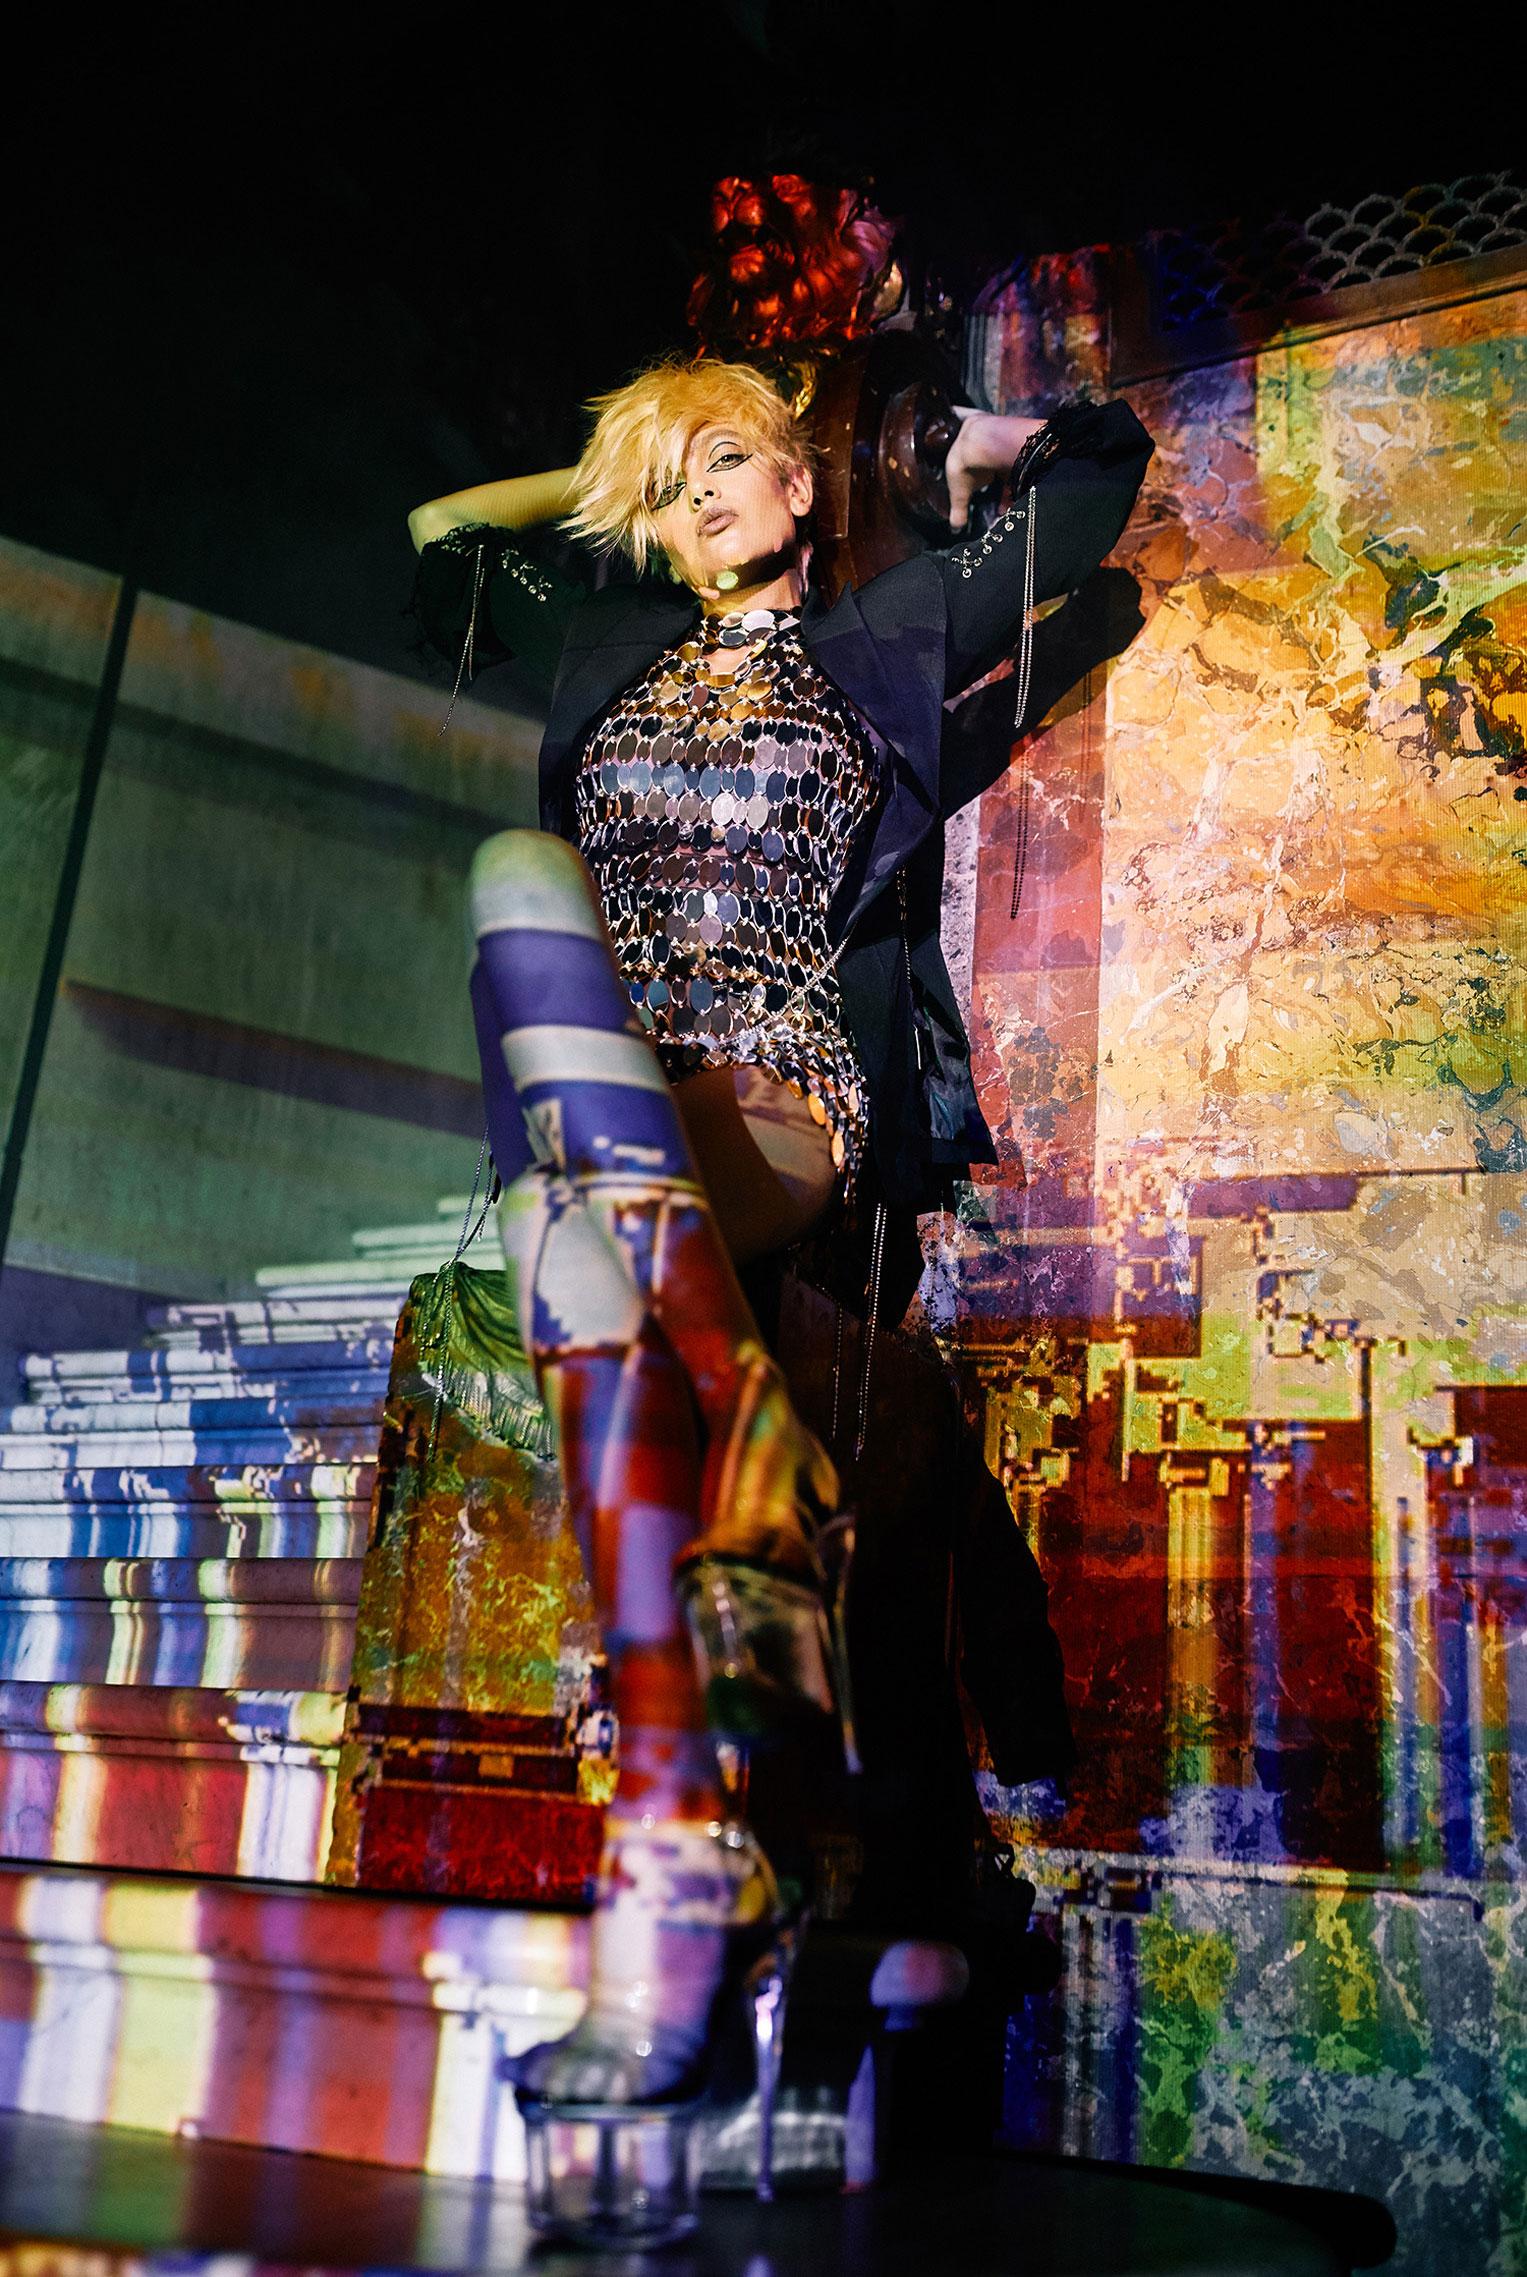 Рок-концерт в рекламной кампании модного бренда LouLou, осень-зима 2019 / фото 12